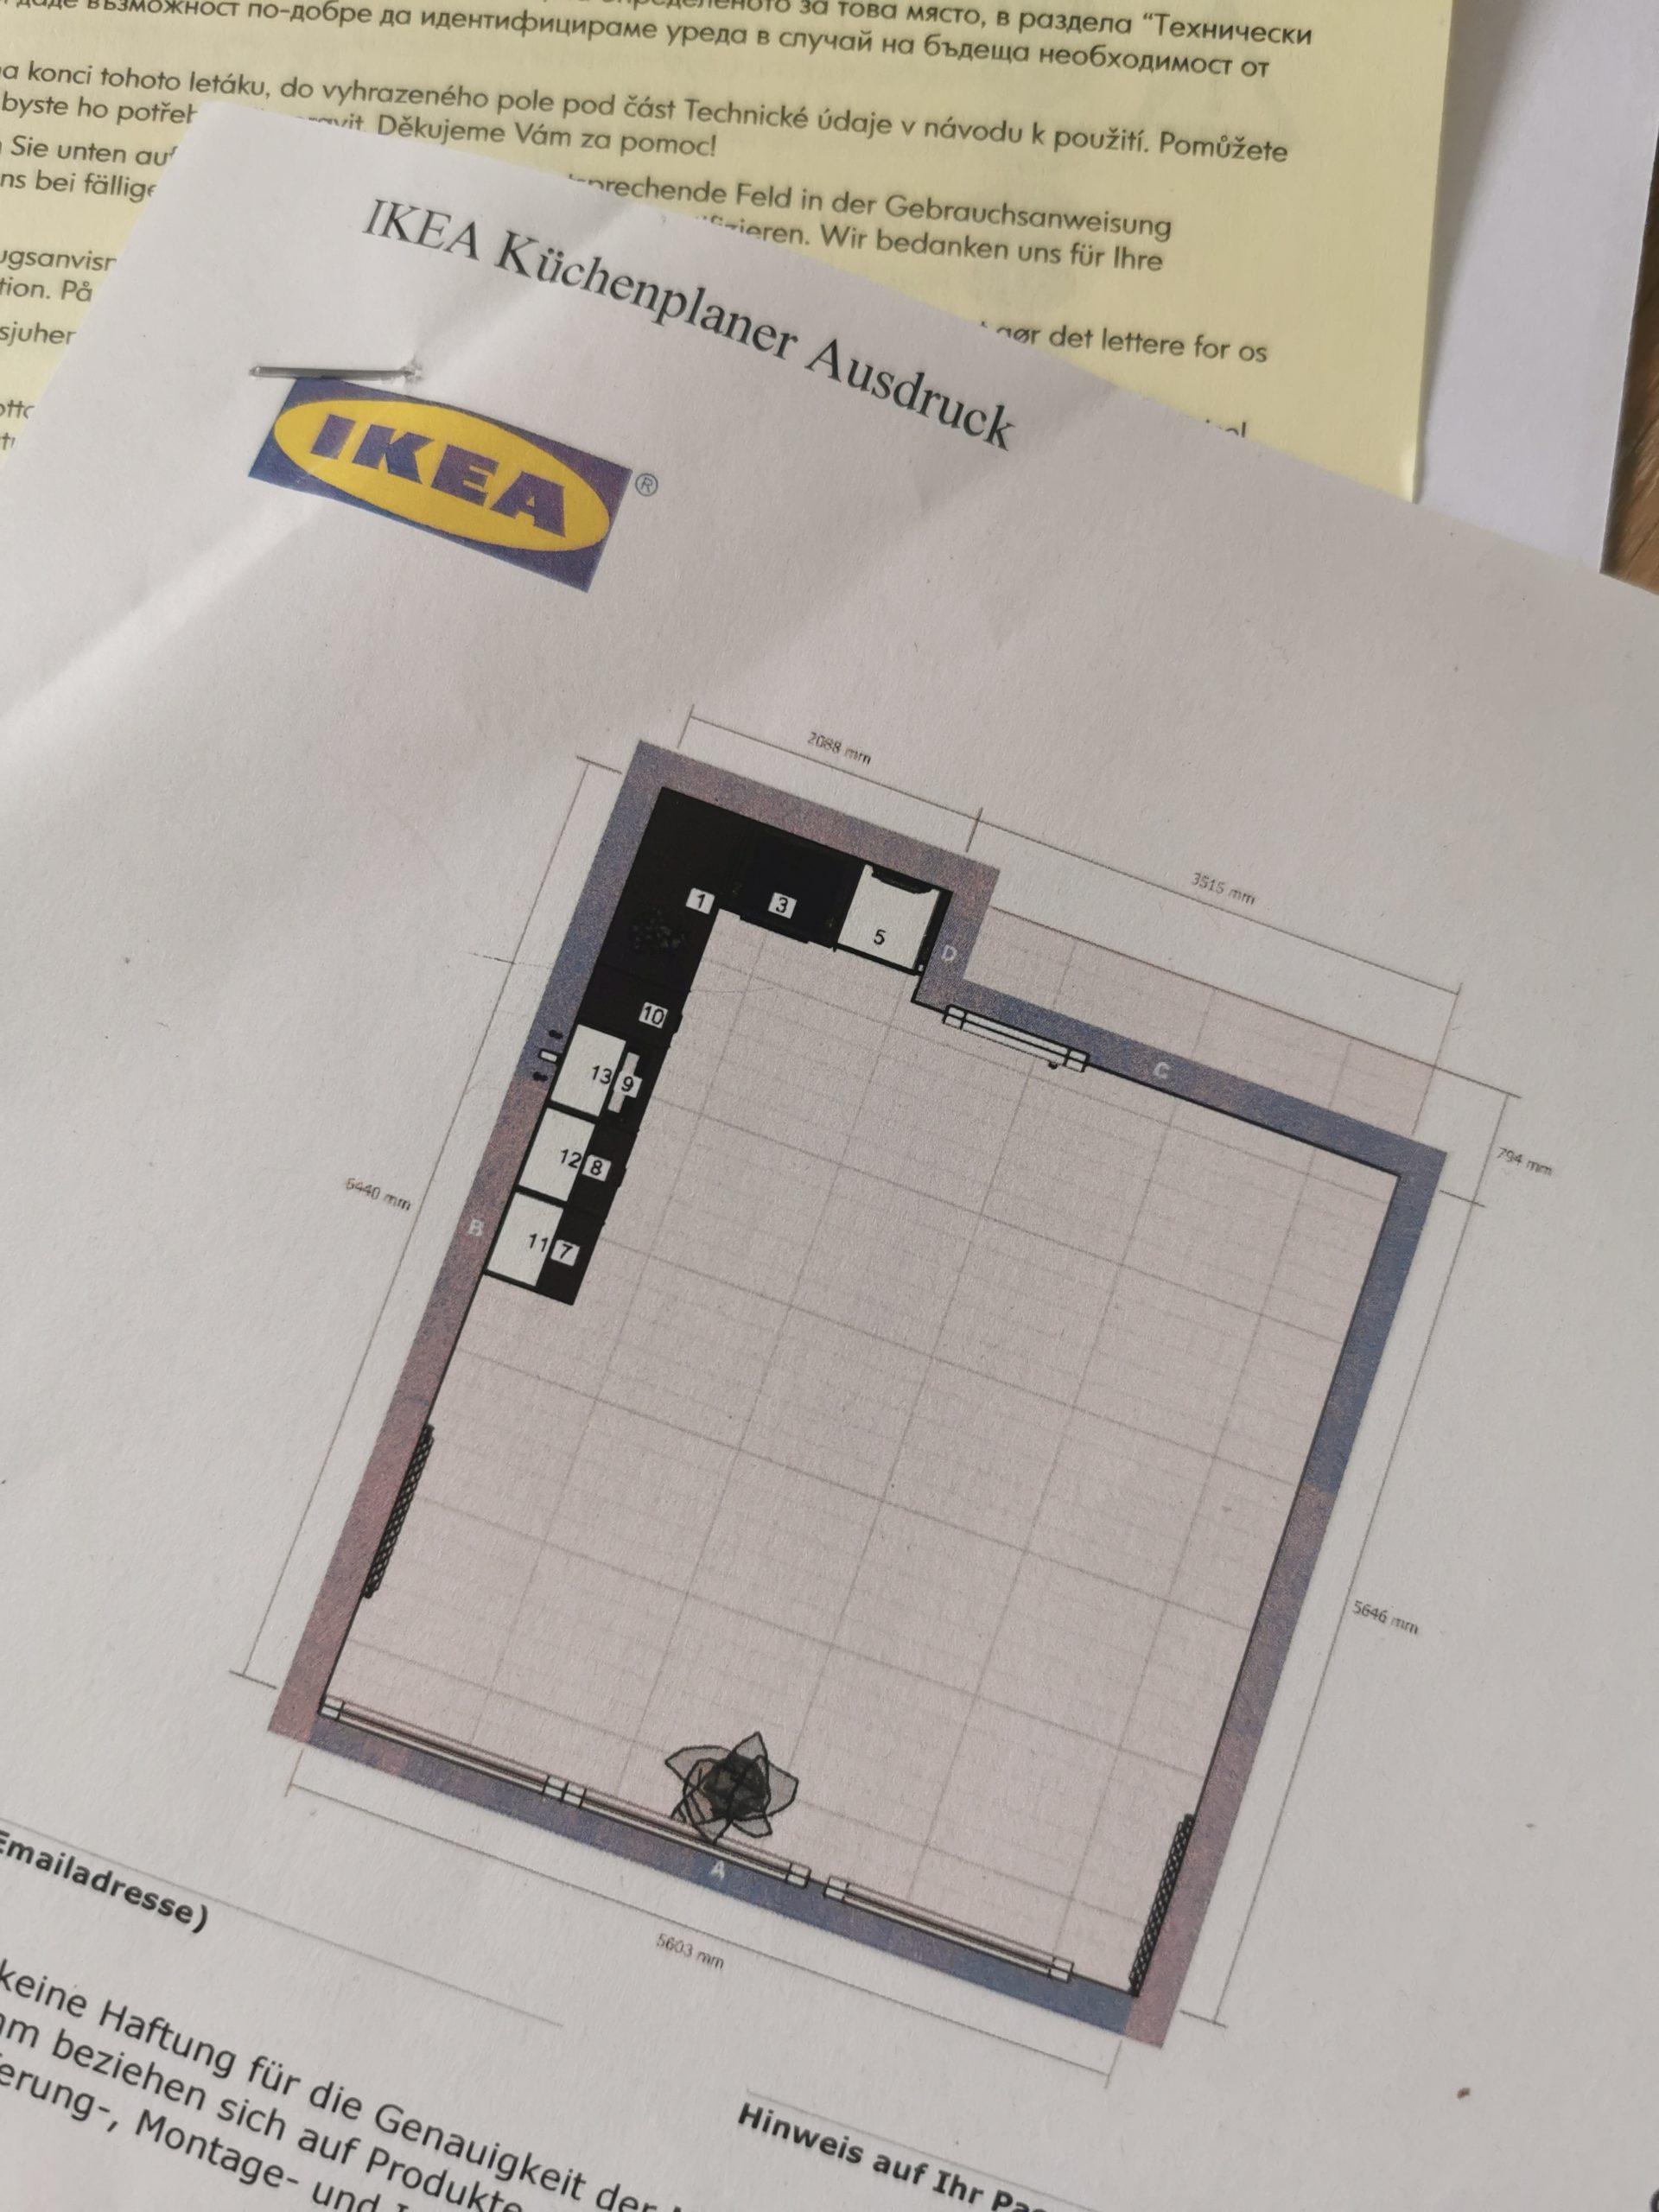 Ikea Küche selbst aufbauen? – Jennifer_Die